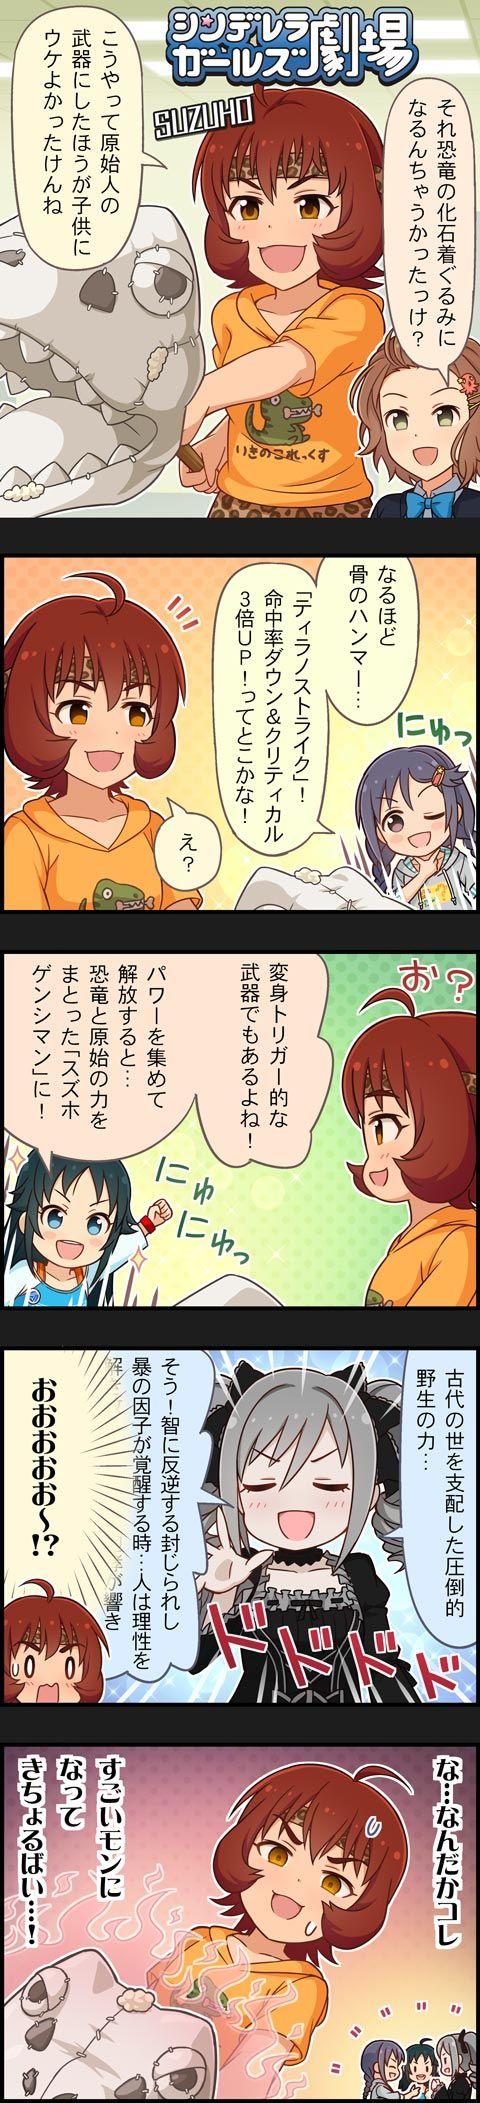 【第901話】進化していく…!